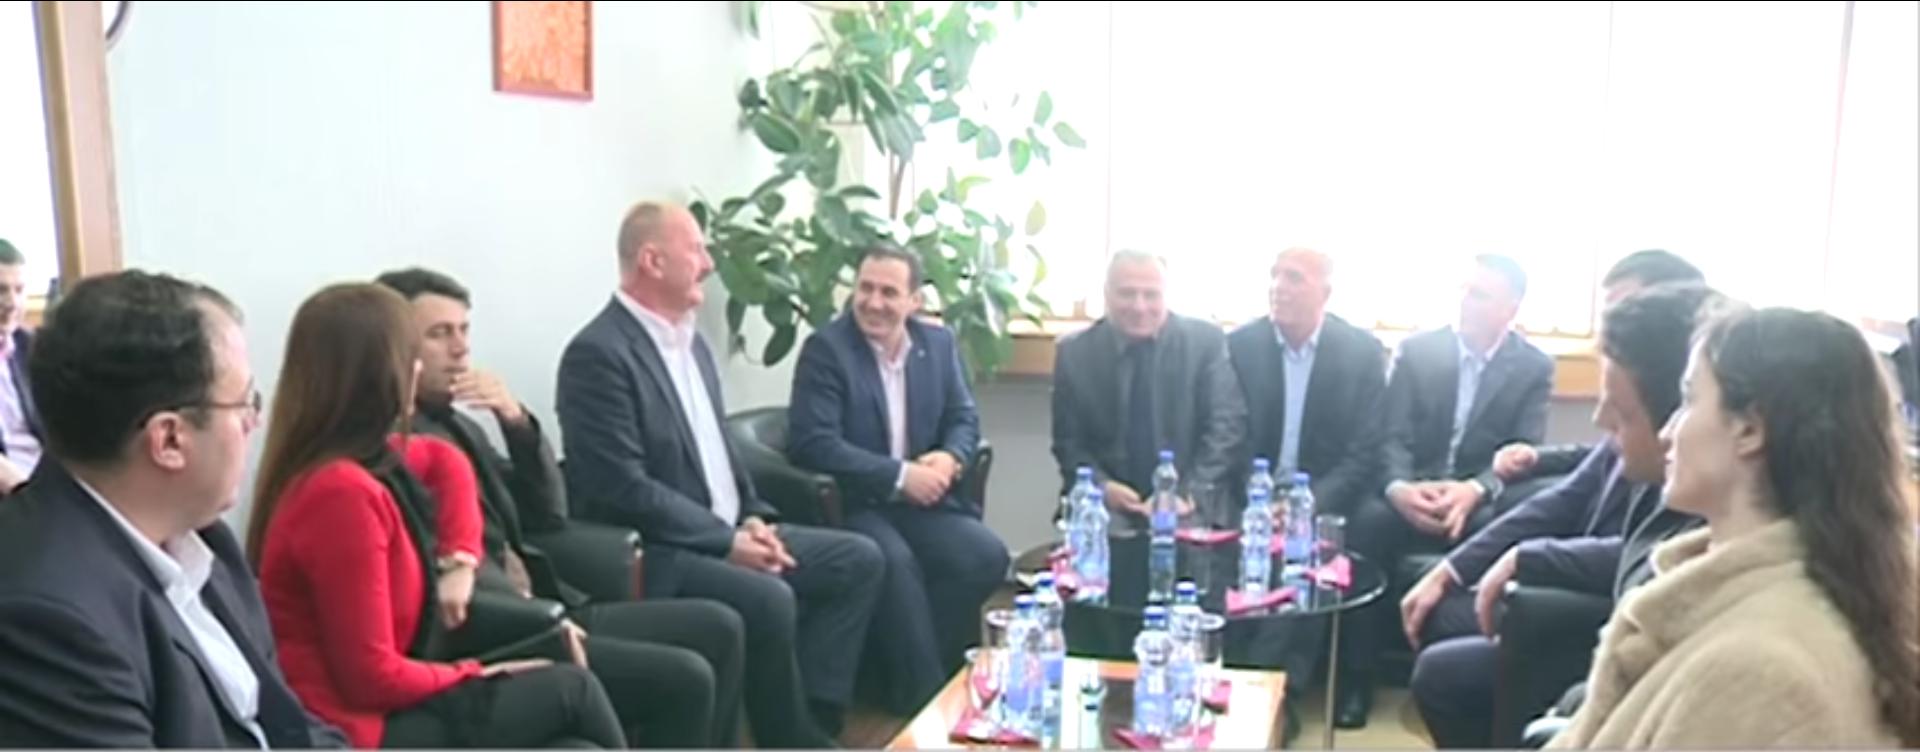 Predsjednik opštine, Kenan Hot sa svojim saradnicima obišao je Dom zdravlja u Tutinu